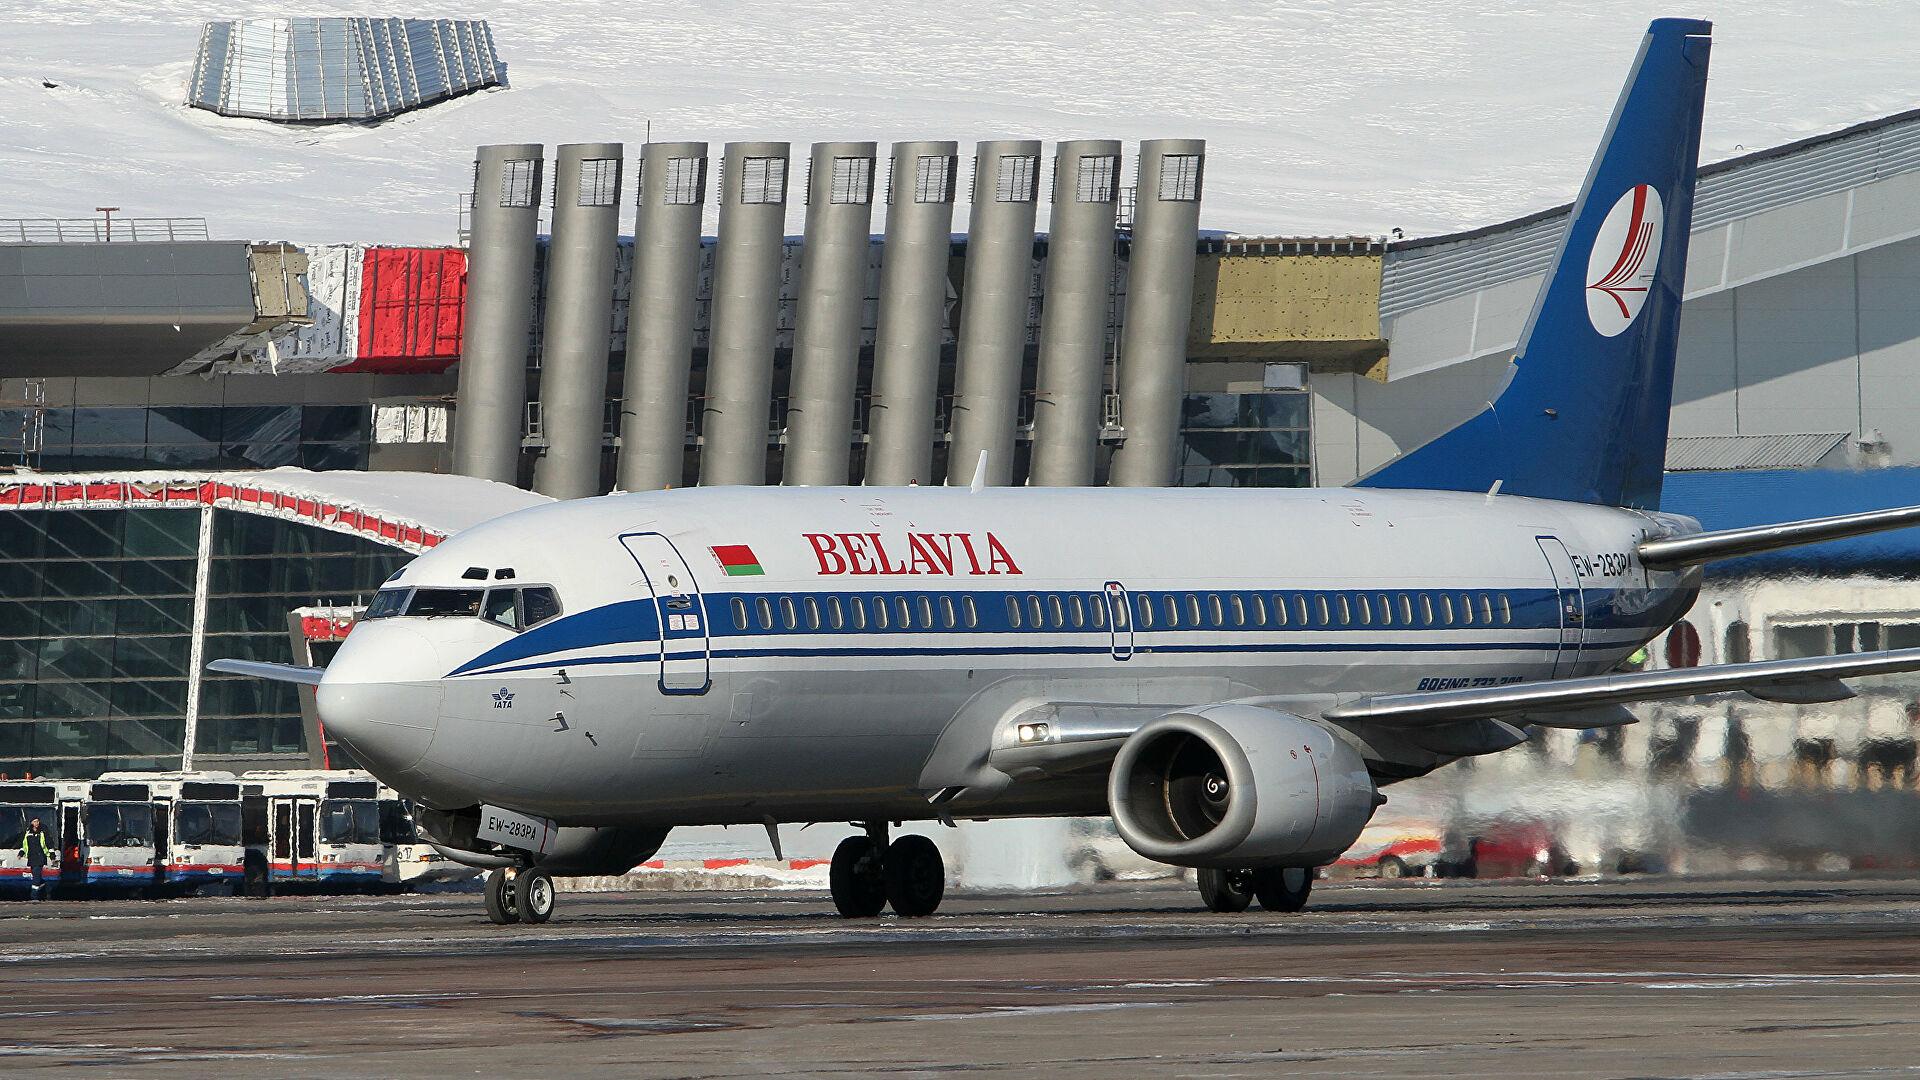 Кијев: Ако се иједан белоруски авион нађе на територији окупираног Крима санкције ће бити неизбежне